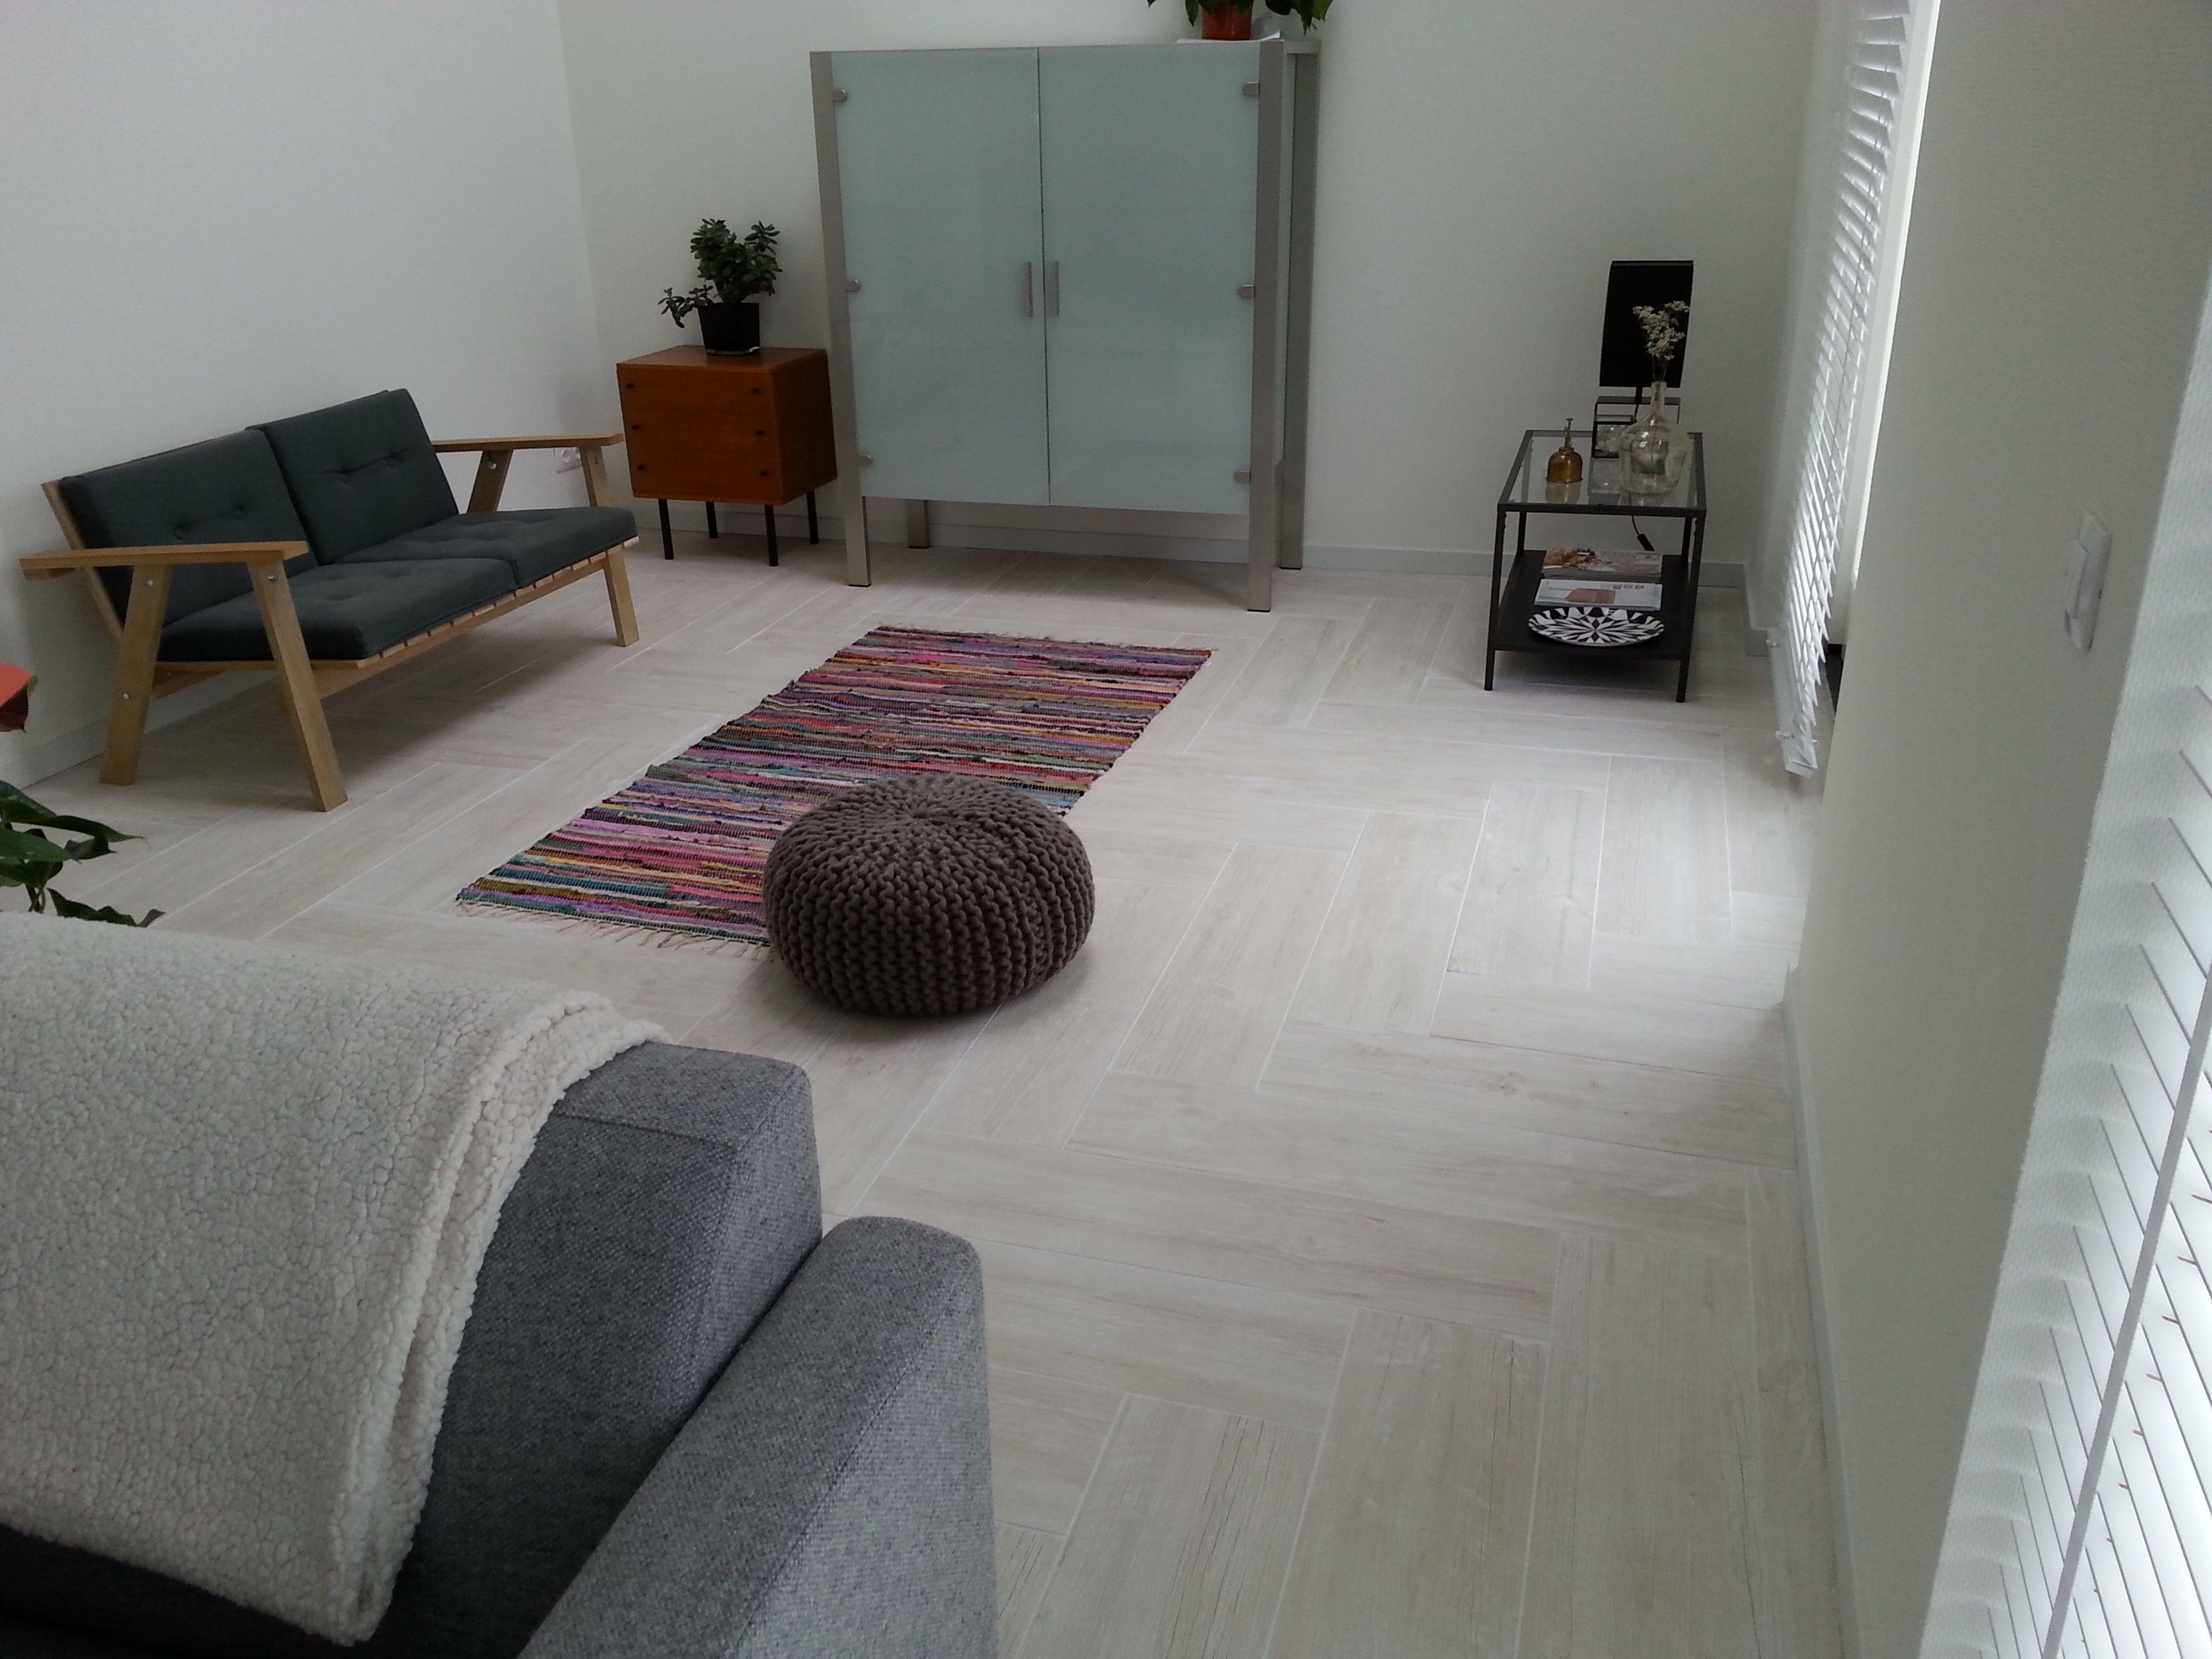 Visgraat houtlook tegels atlas concorde white pine 22.5x90 cm serie